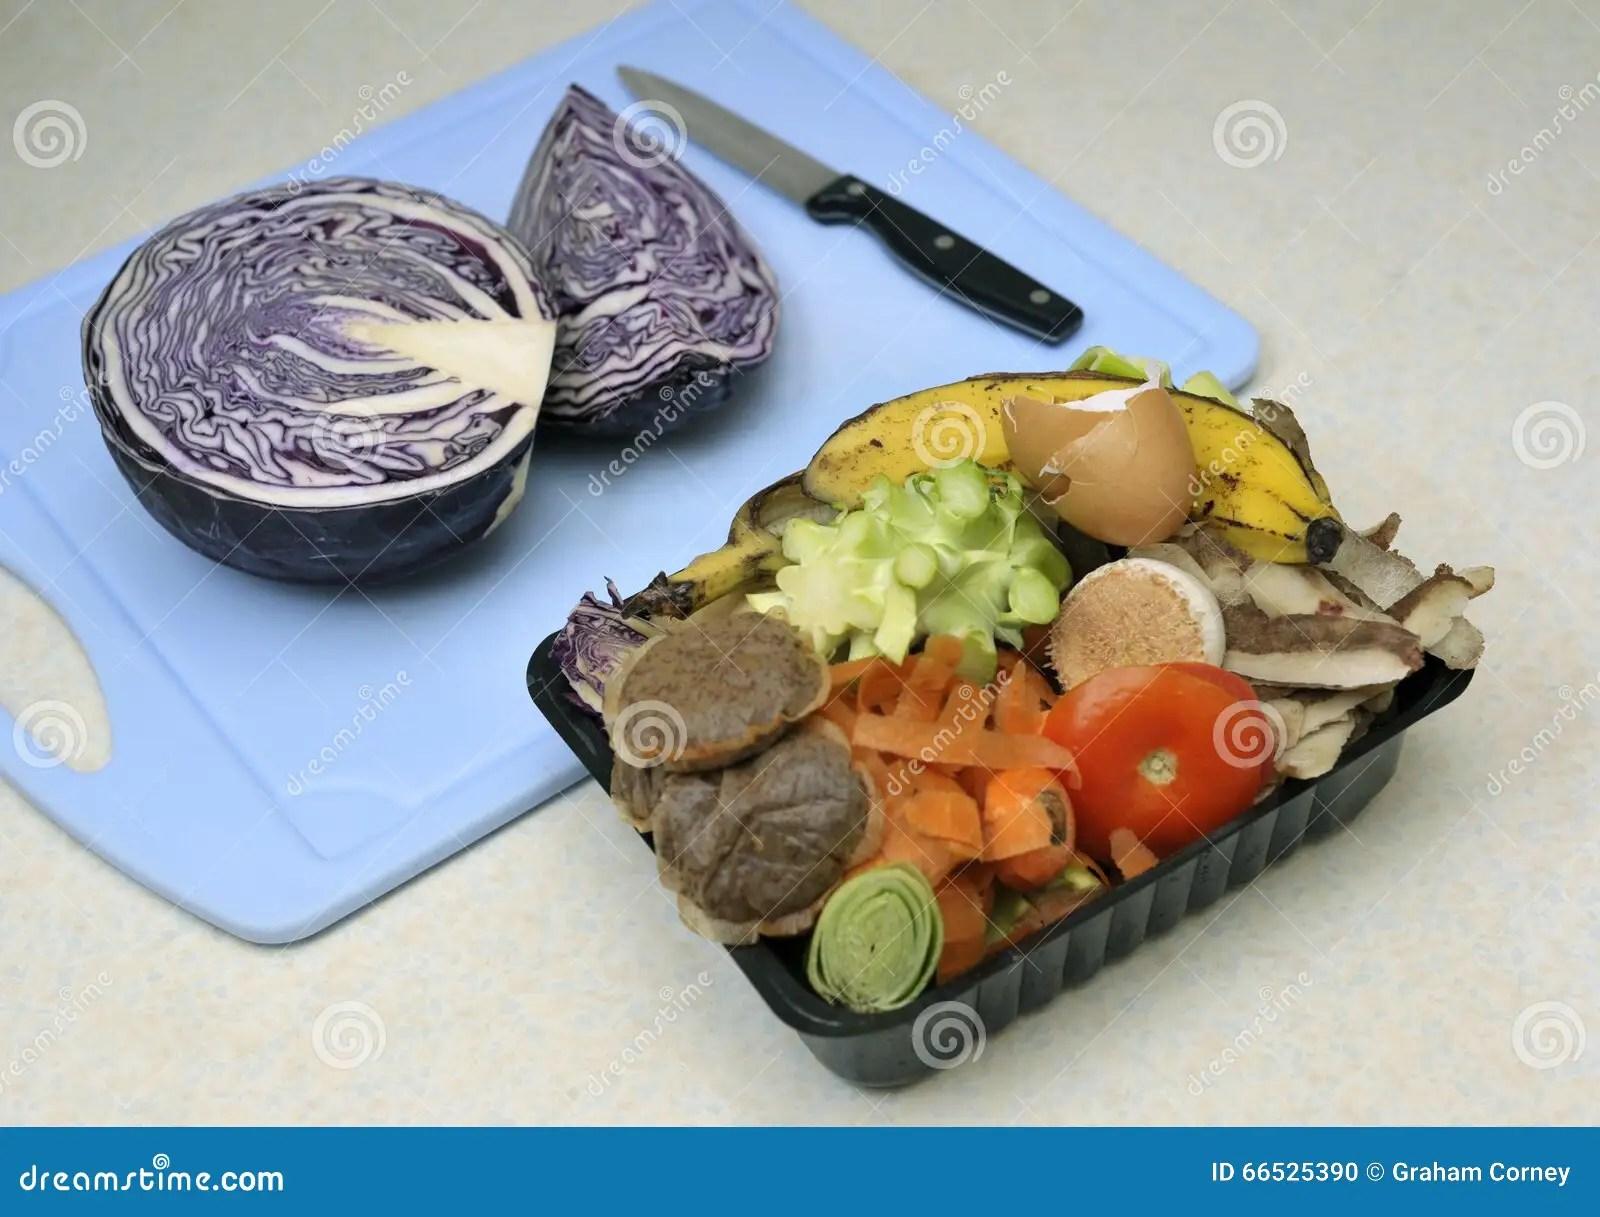 kitchen compost container countertops michigan 厨房废纸盒库存照片 图片包括有使用 堆肥 浪费 能承受 家庭 蔬菜 厨房未加工的食品废弃部 在准备的圆白菜旁边 在增加的一个被重复利用的容器收集了到家庭composter或天然肥料堆